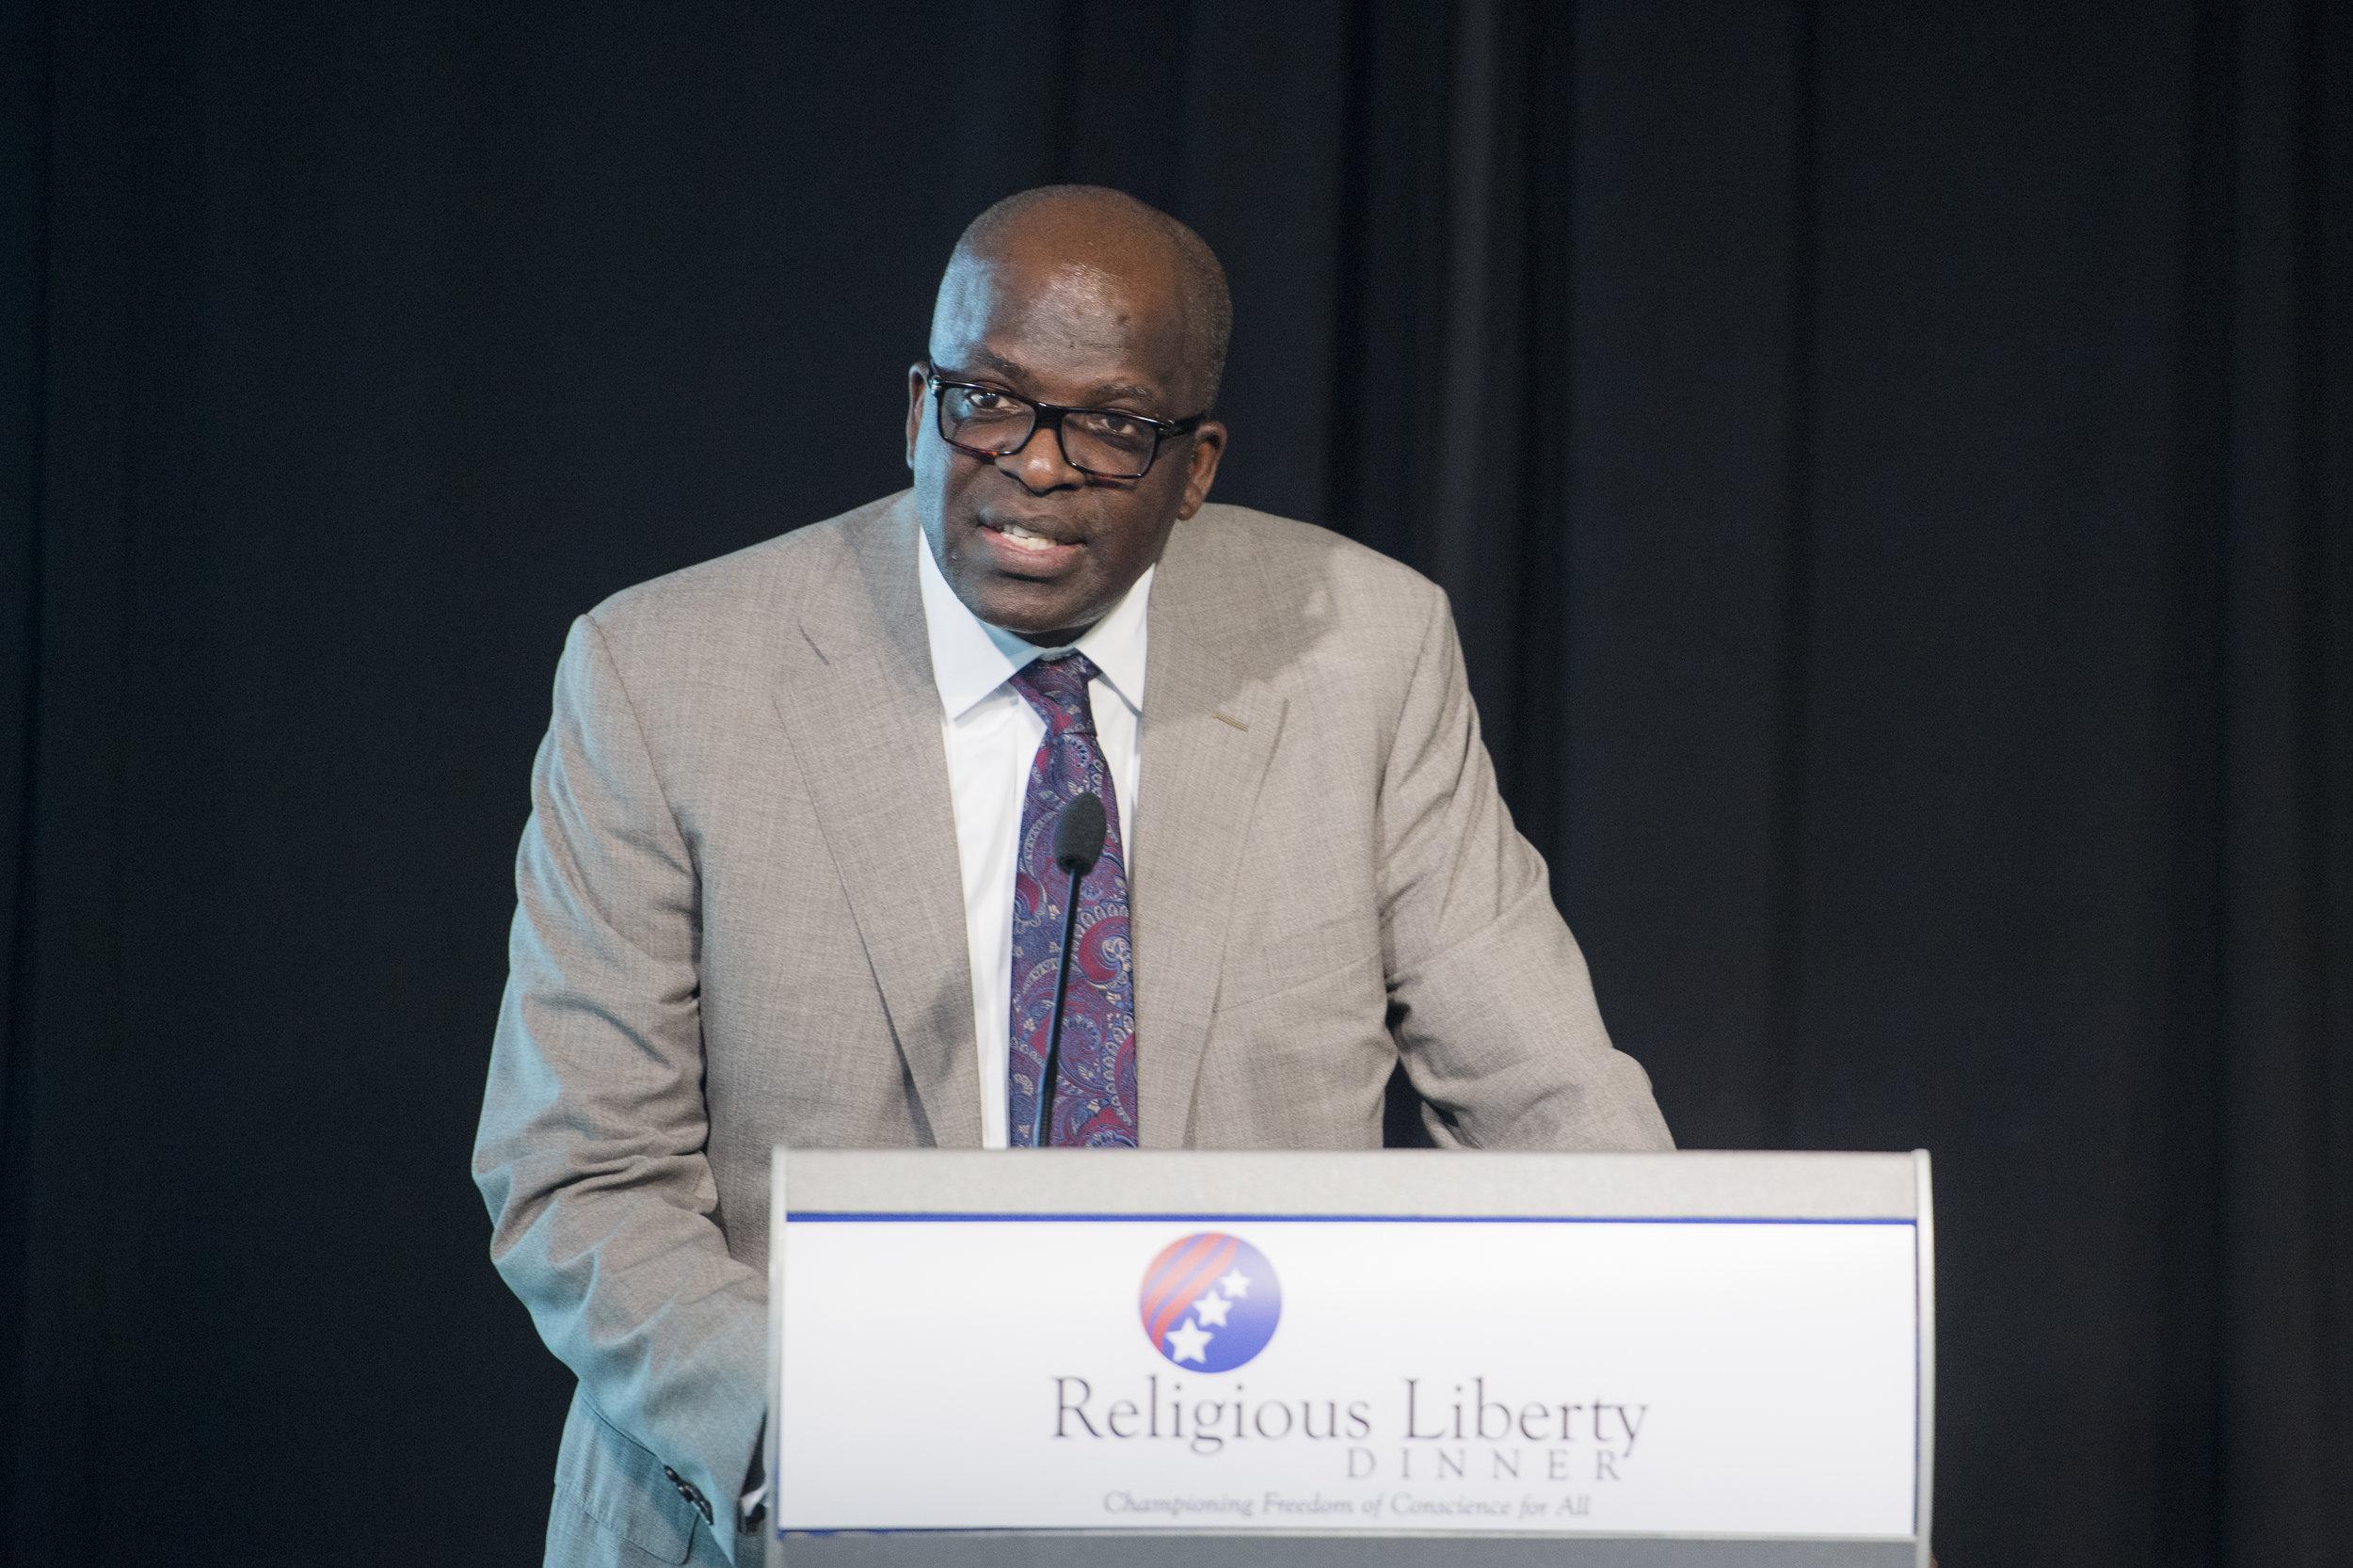 Dr. Ganoune Diop